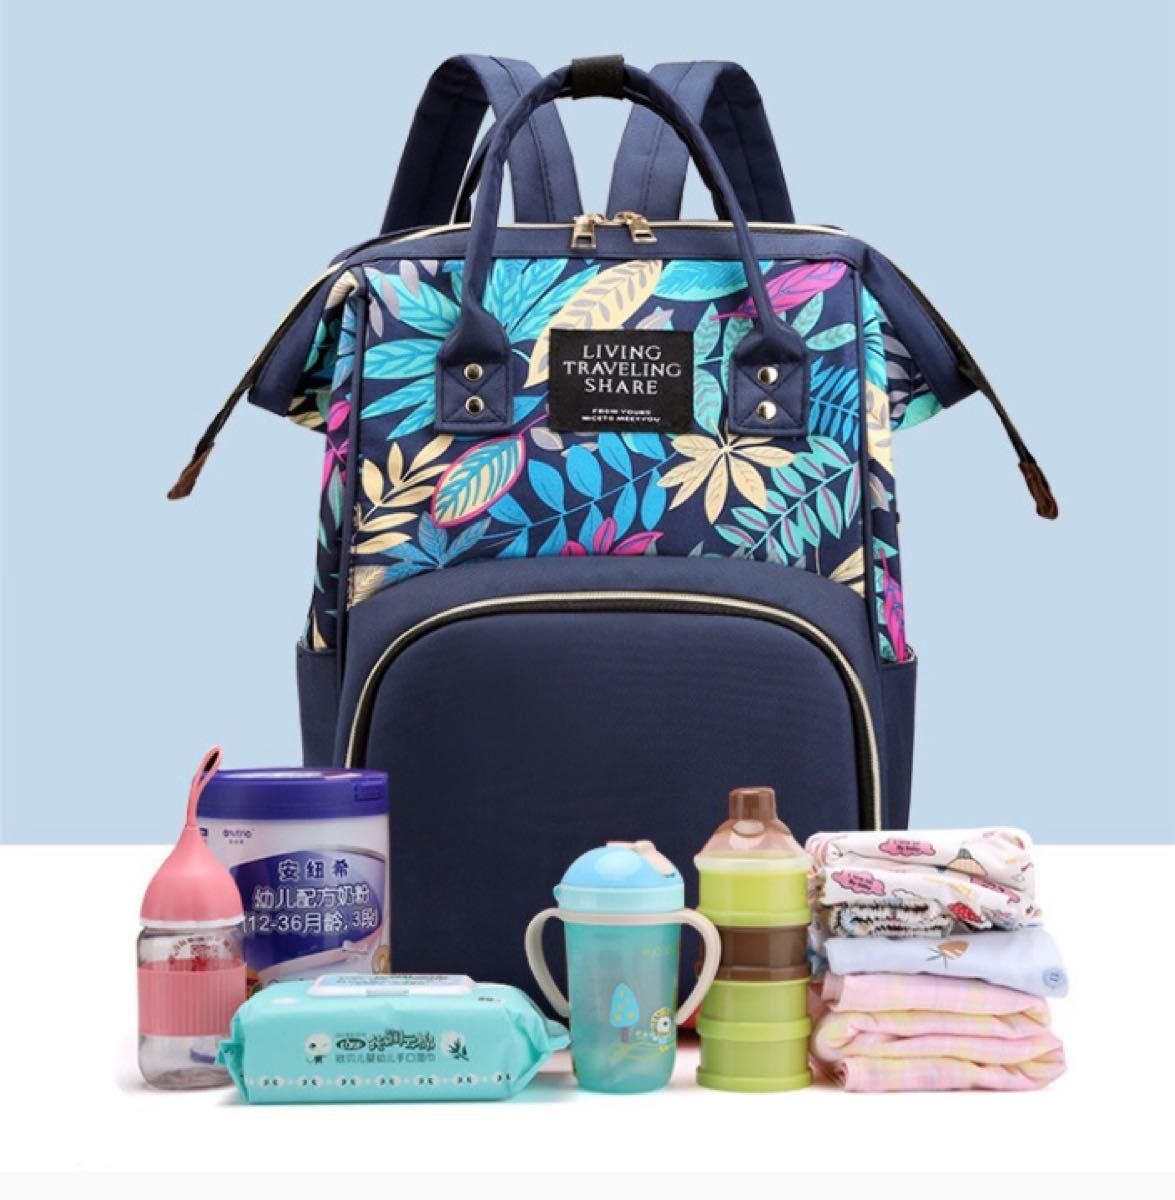 【大容量】 マザーズリュック マザーズバッグ 軽量 撥水加工 防温 黒花柄  ママバッグ バックパック 多機能 大容量